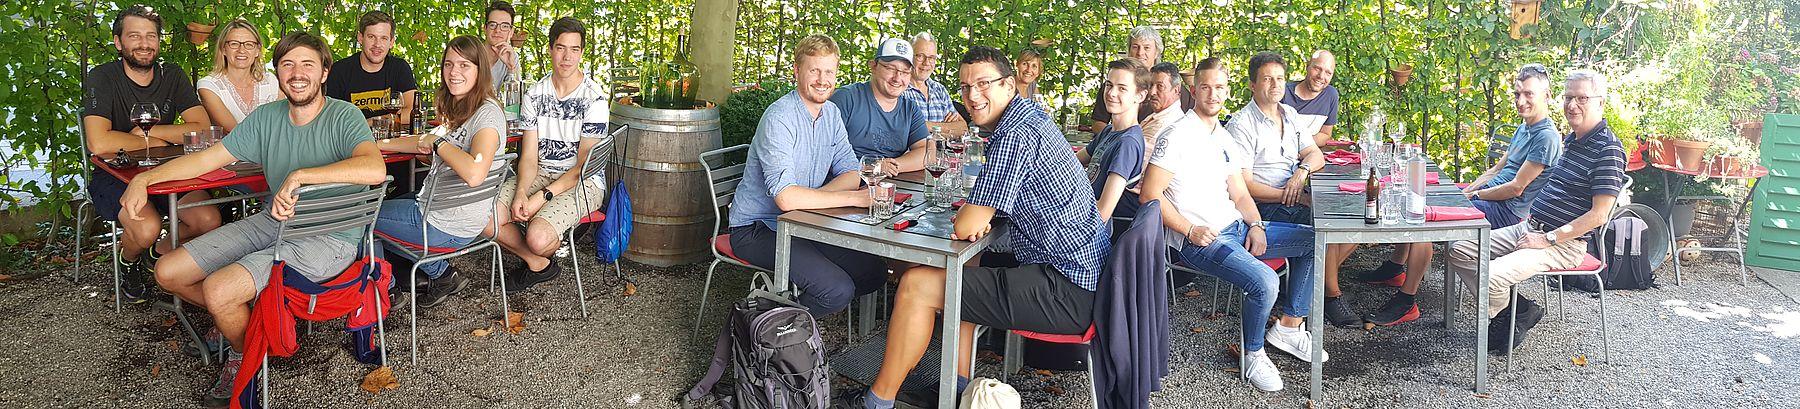 Sommerausflug 30.08.2019 - Wasserschutzpolizei Zürich - Brücke Thur Wattwil